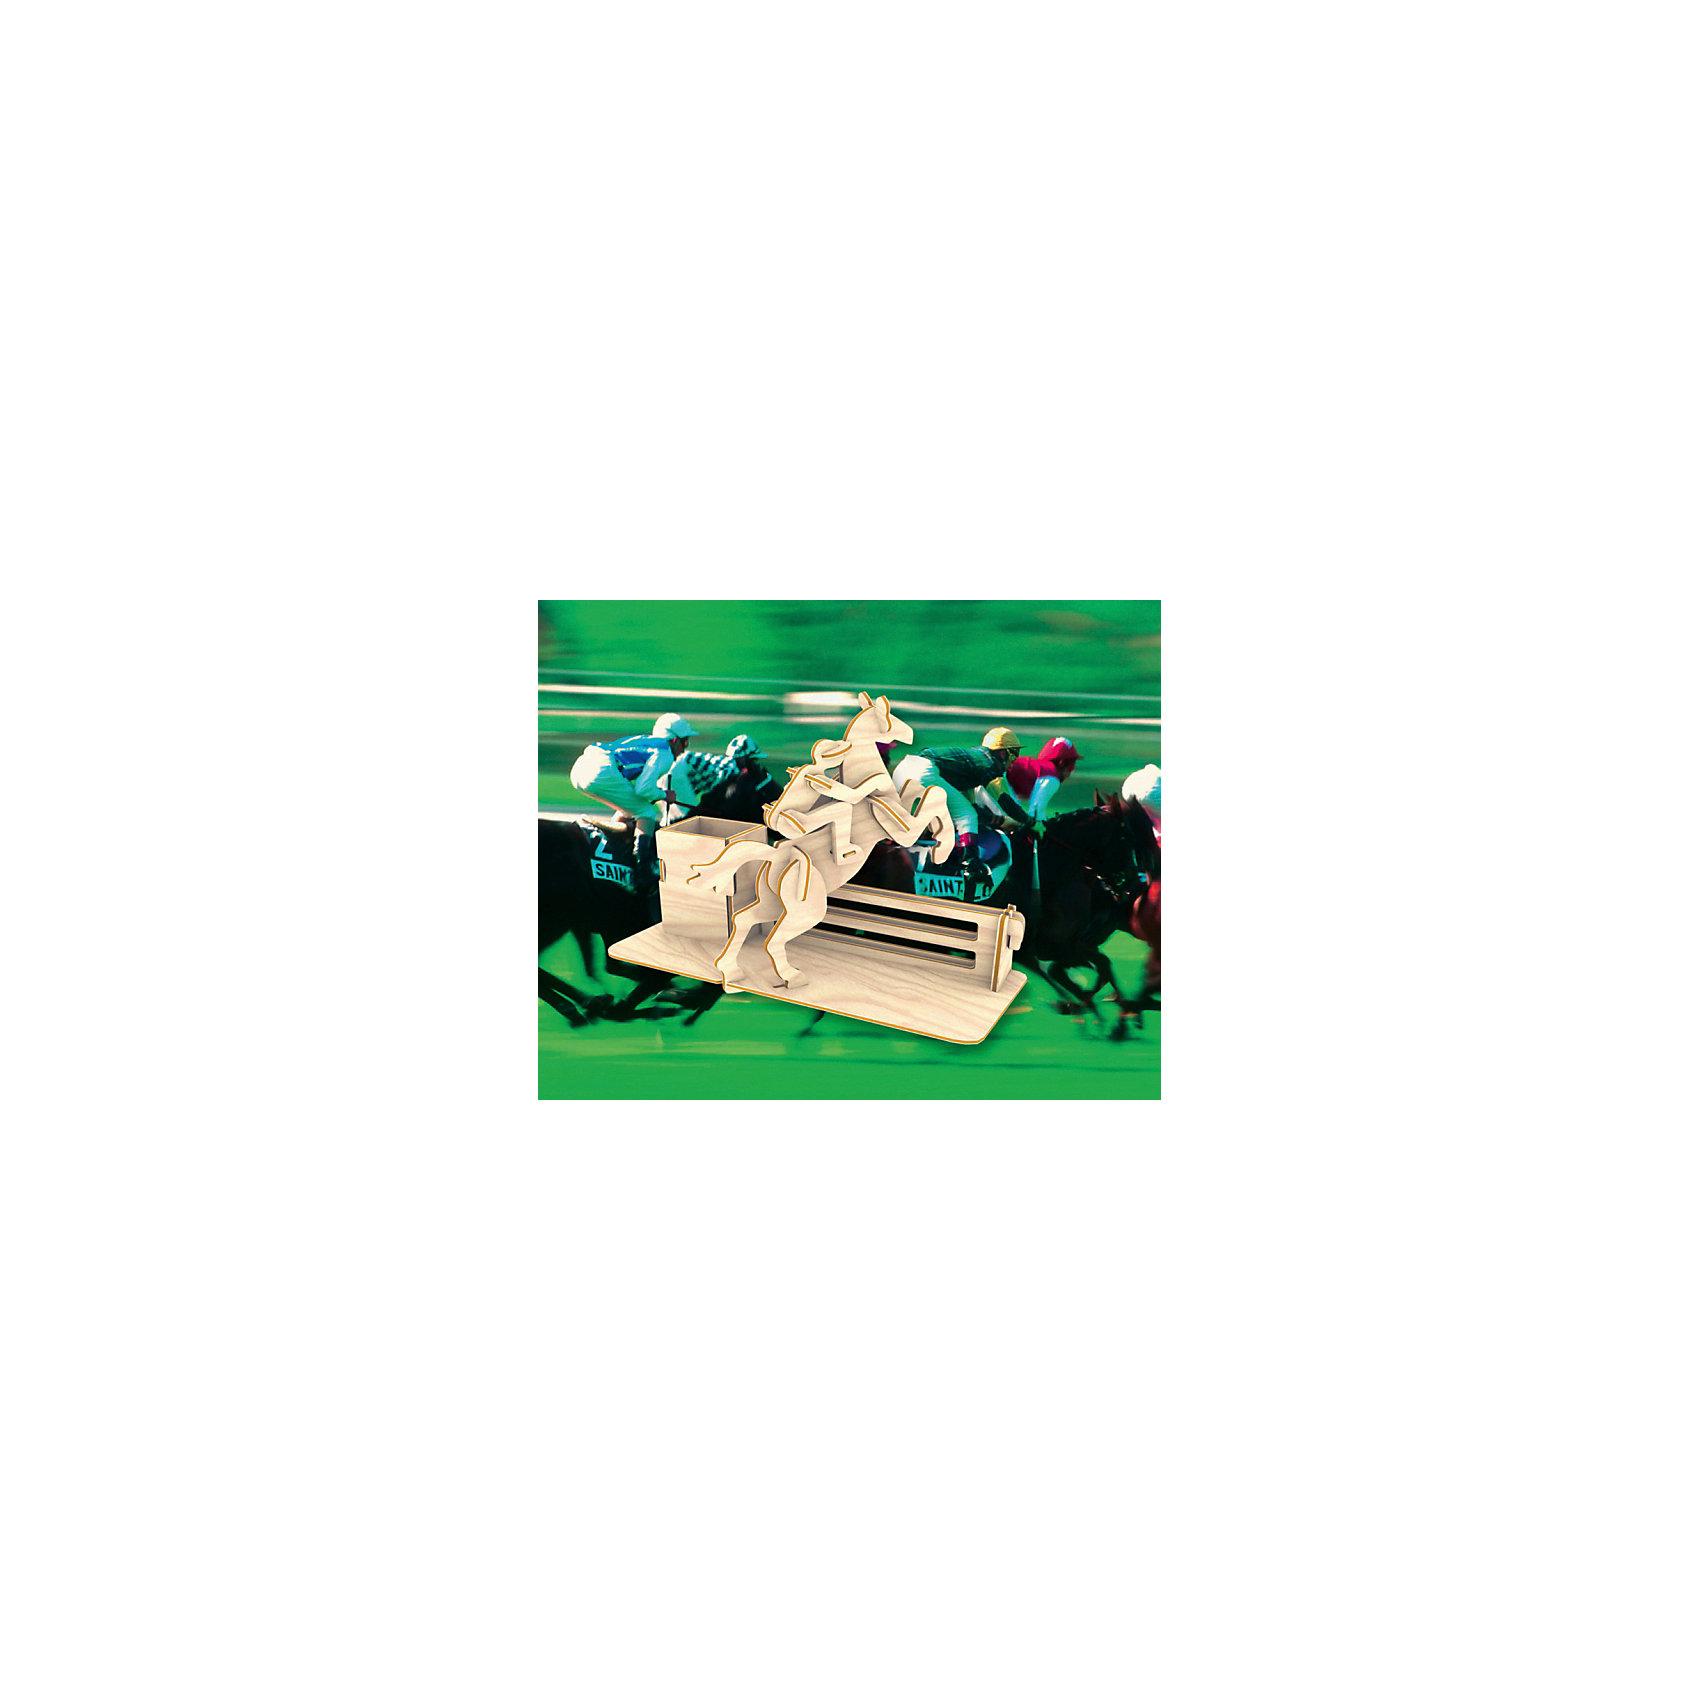 МДИ Наездник, Мир деревянных игрушек игрушка мир деревянных игрушек лабиринт слон д345